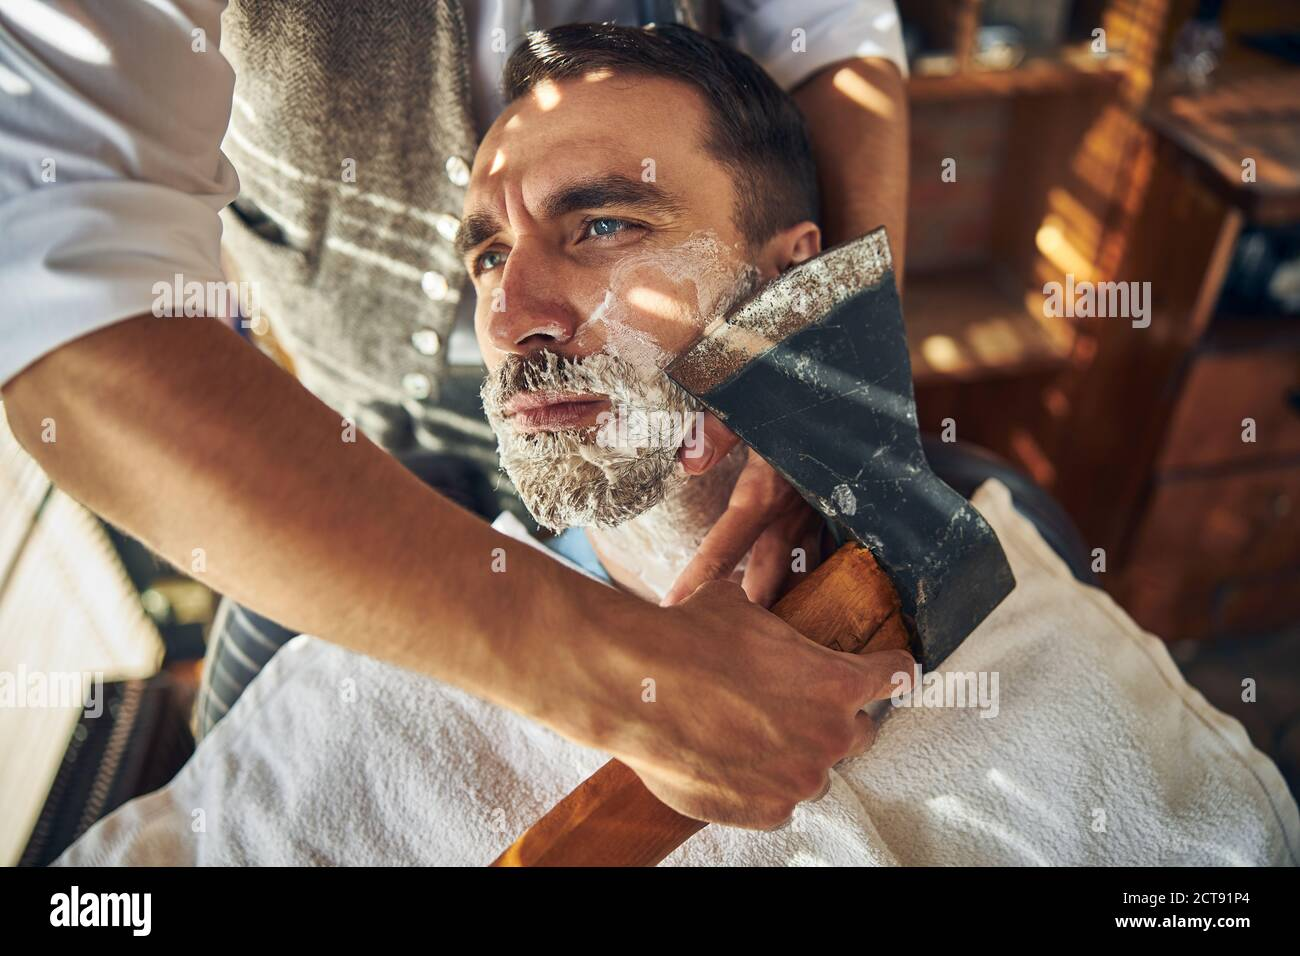 Un hombre joven guapo que está siendo afeitado con un hacha Foto de stock